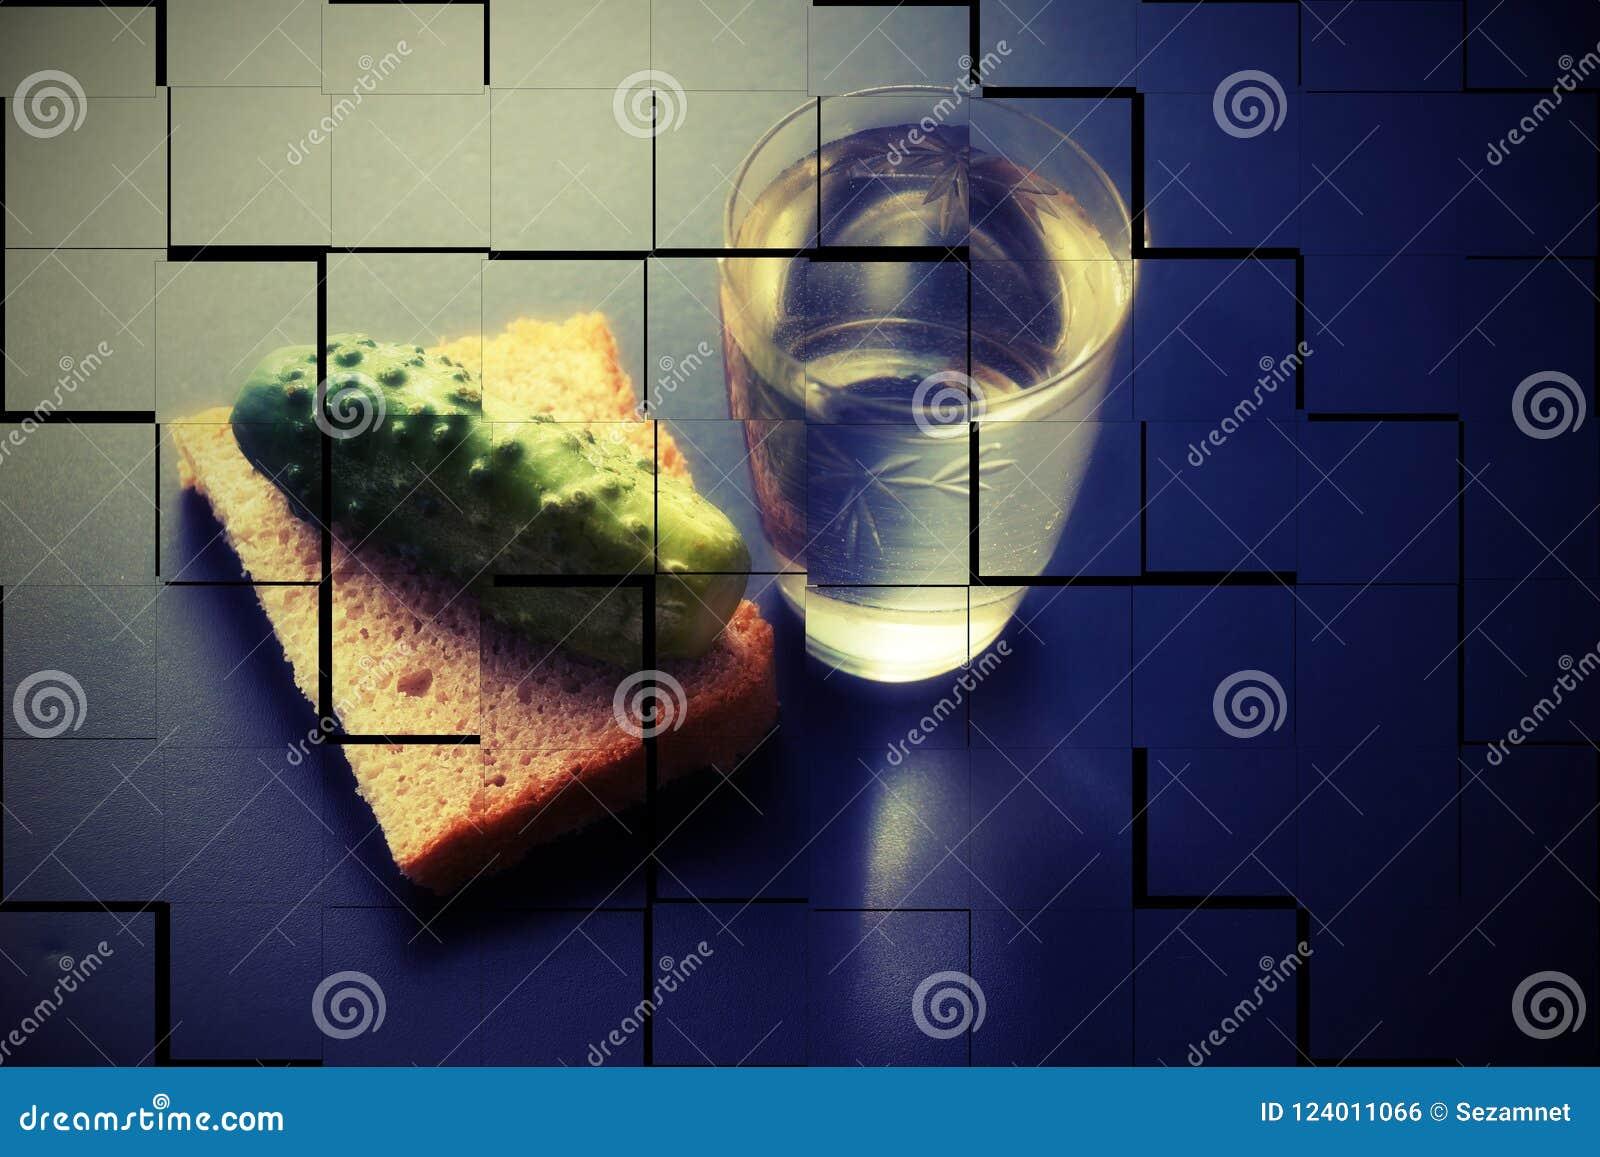 альбомов социальное одиночество проблем стекло хлеба водочки и